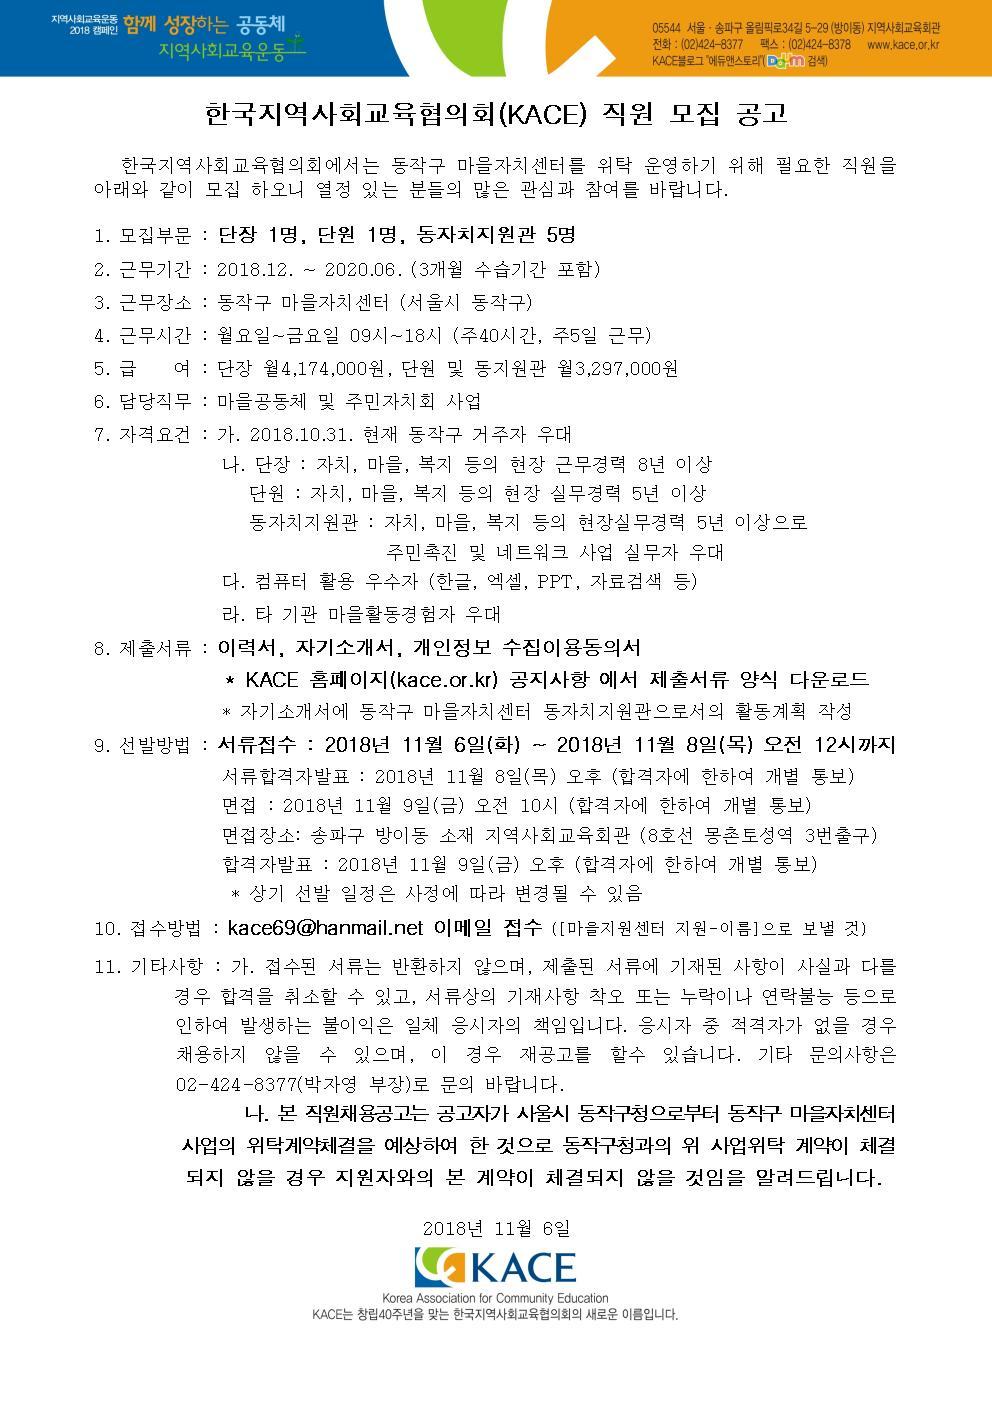 (2018.11.5.) 동작구 마을지원센터 직원 모집 공고문001.jpg